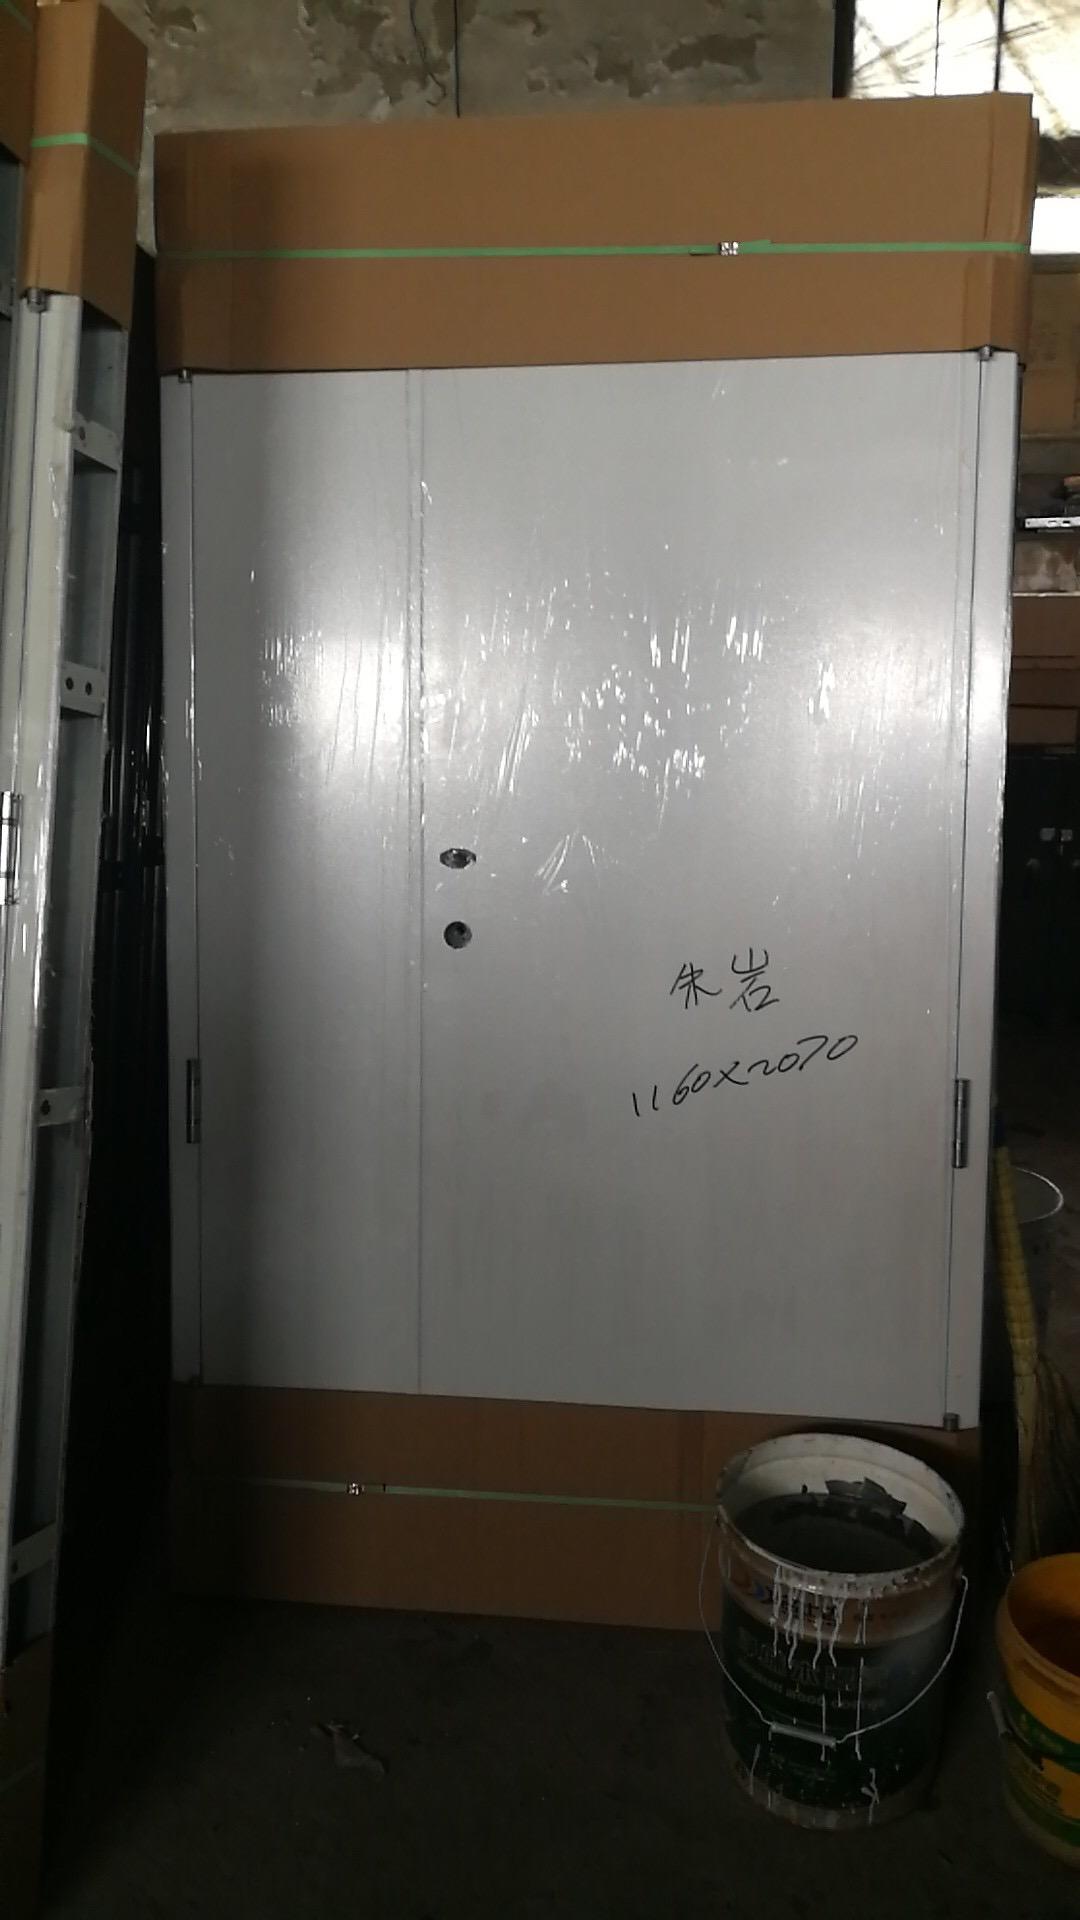 新民|彰武|法库|防火门厂,防火窗厂家,有资质的厂家。-- 郭峰